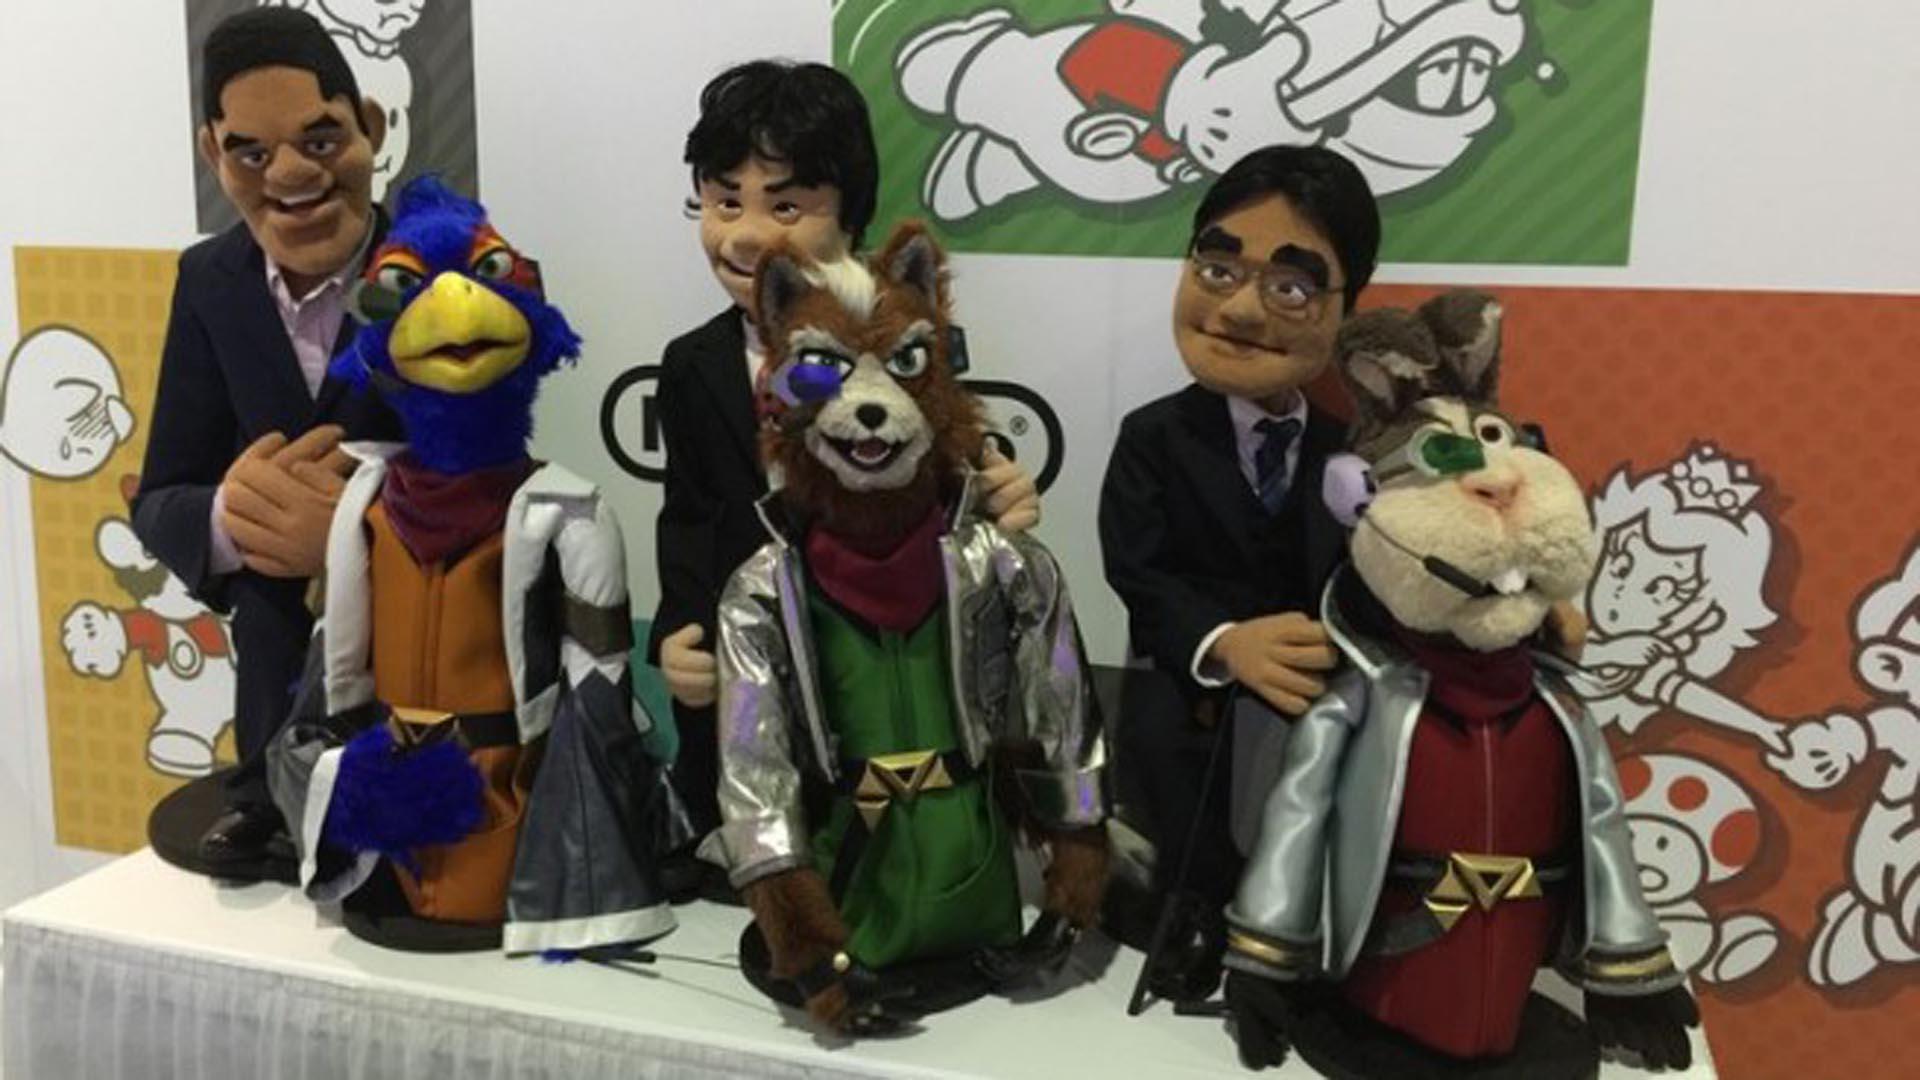 So much puppet. So much fail.